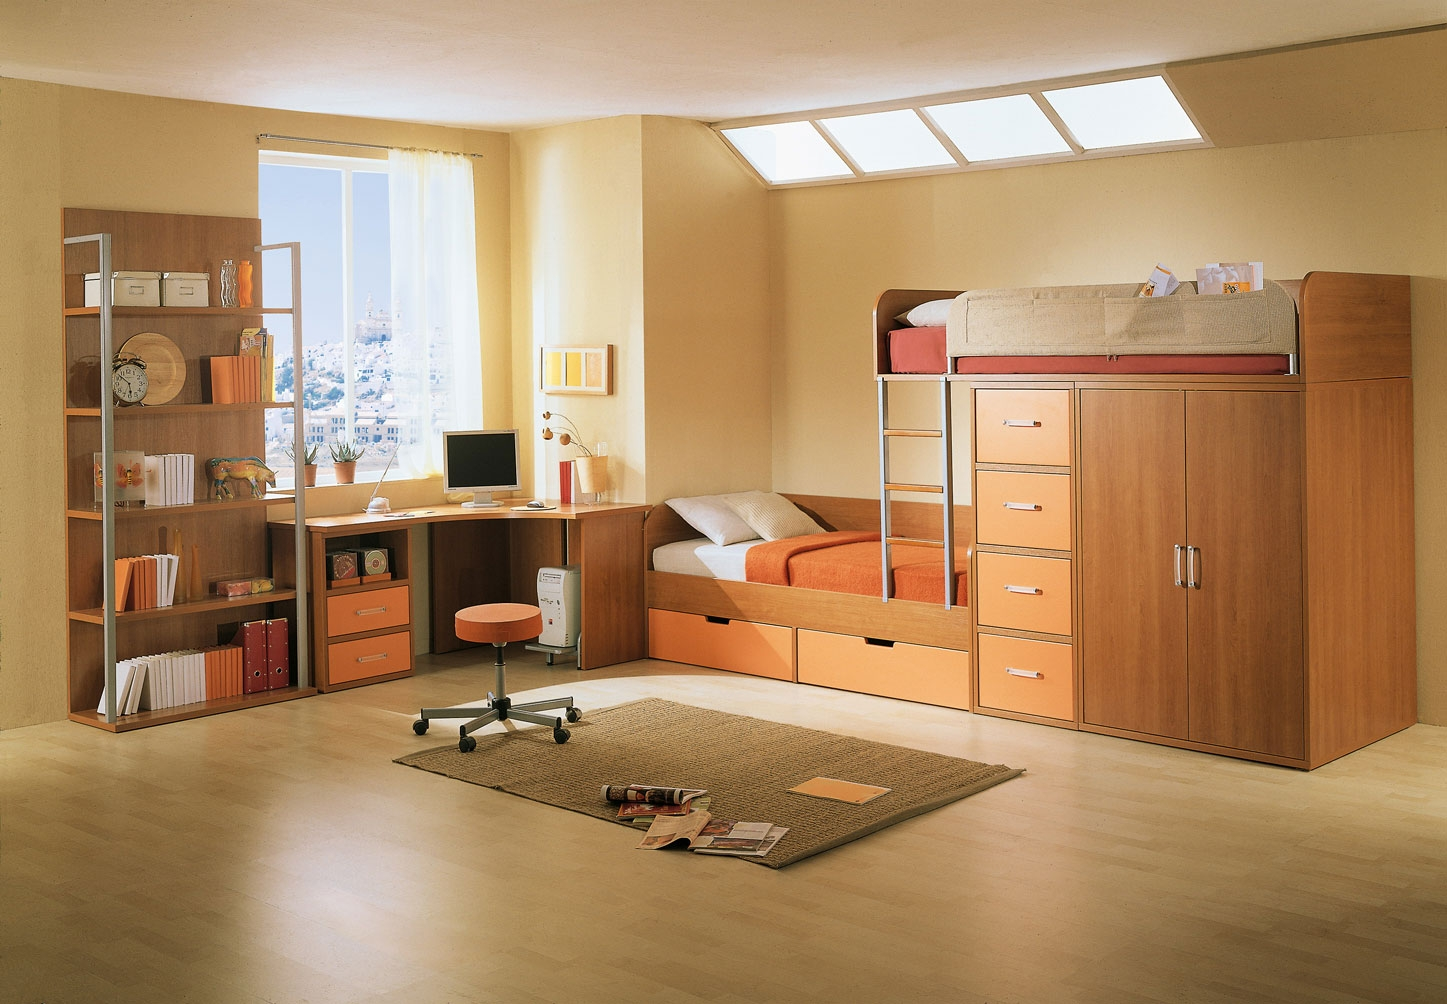 Ремонт квартир для 3 детей и рабочий столом